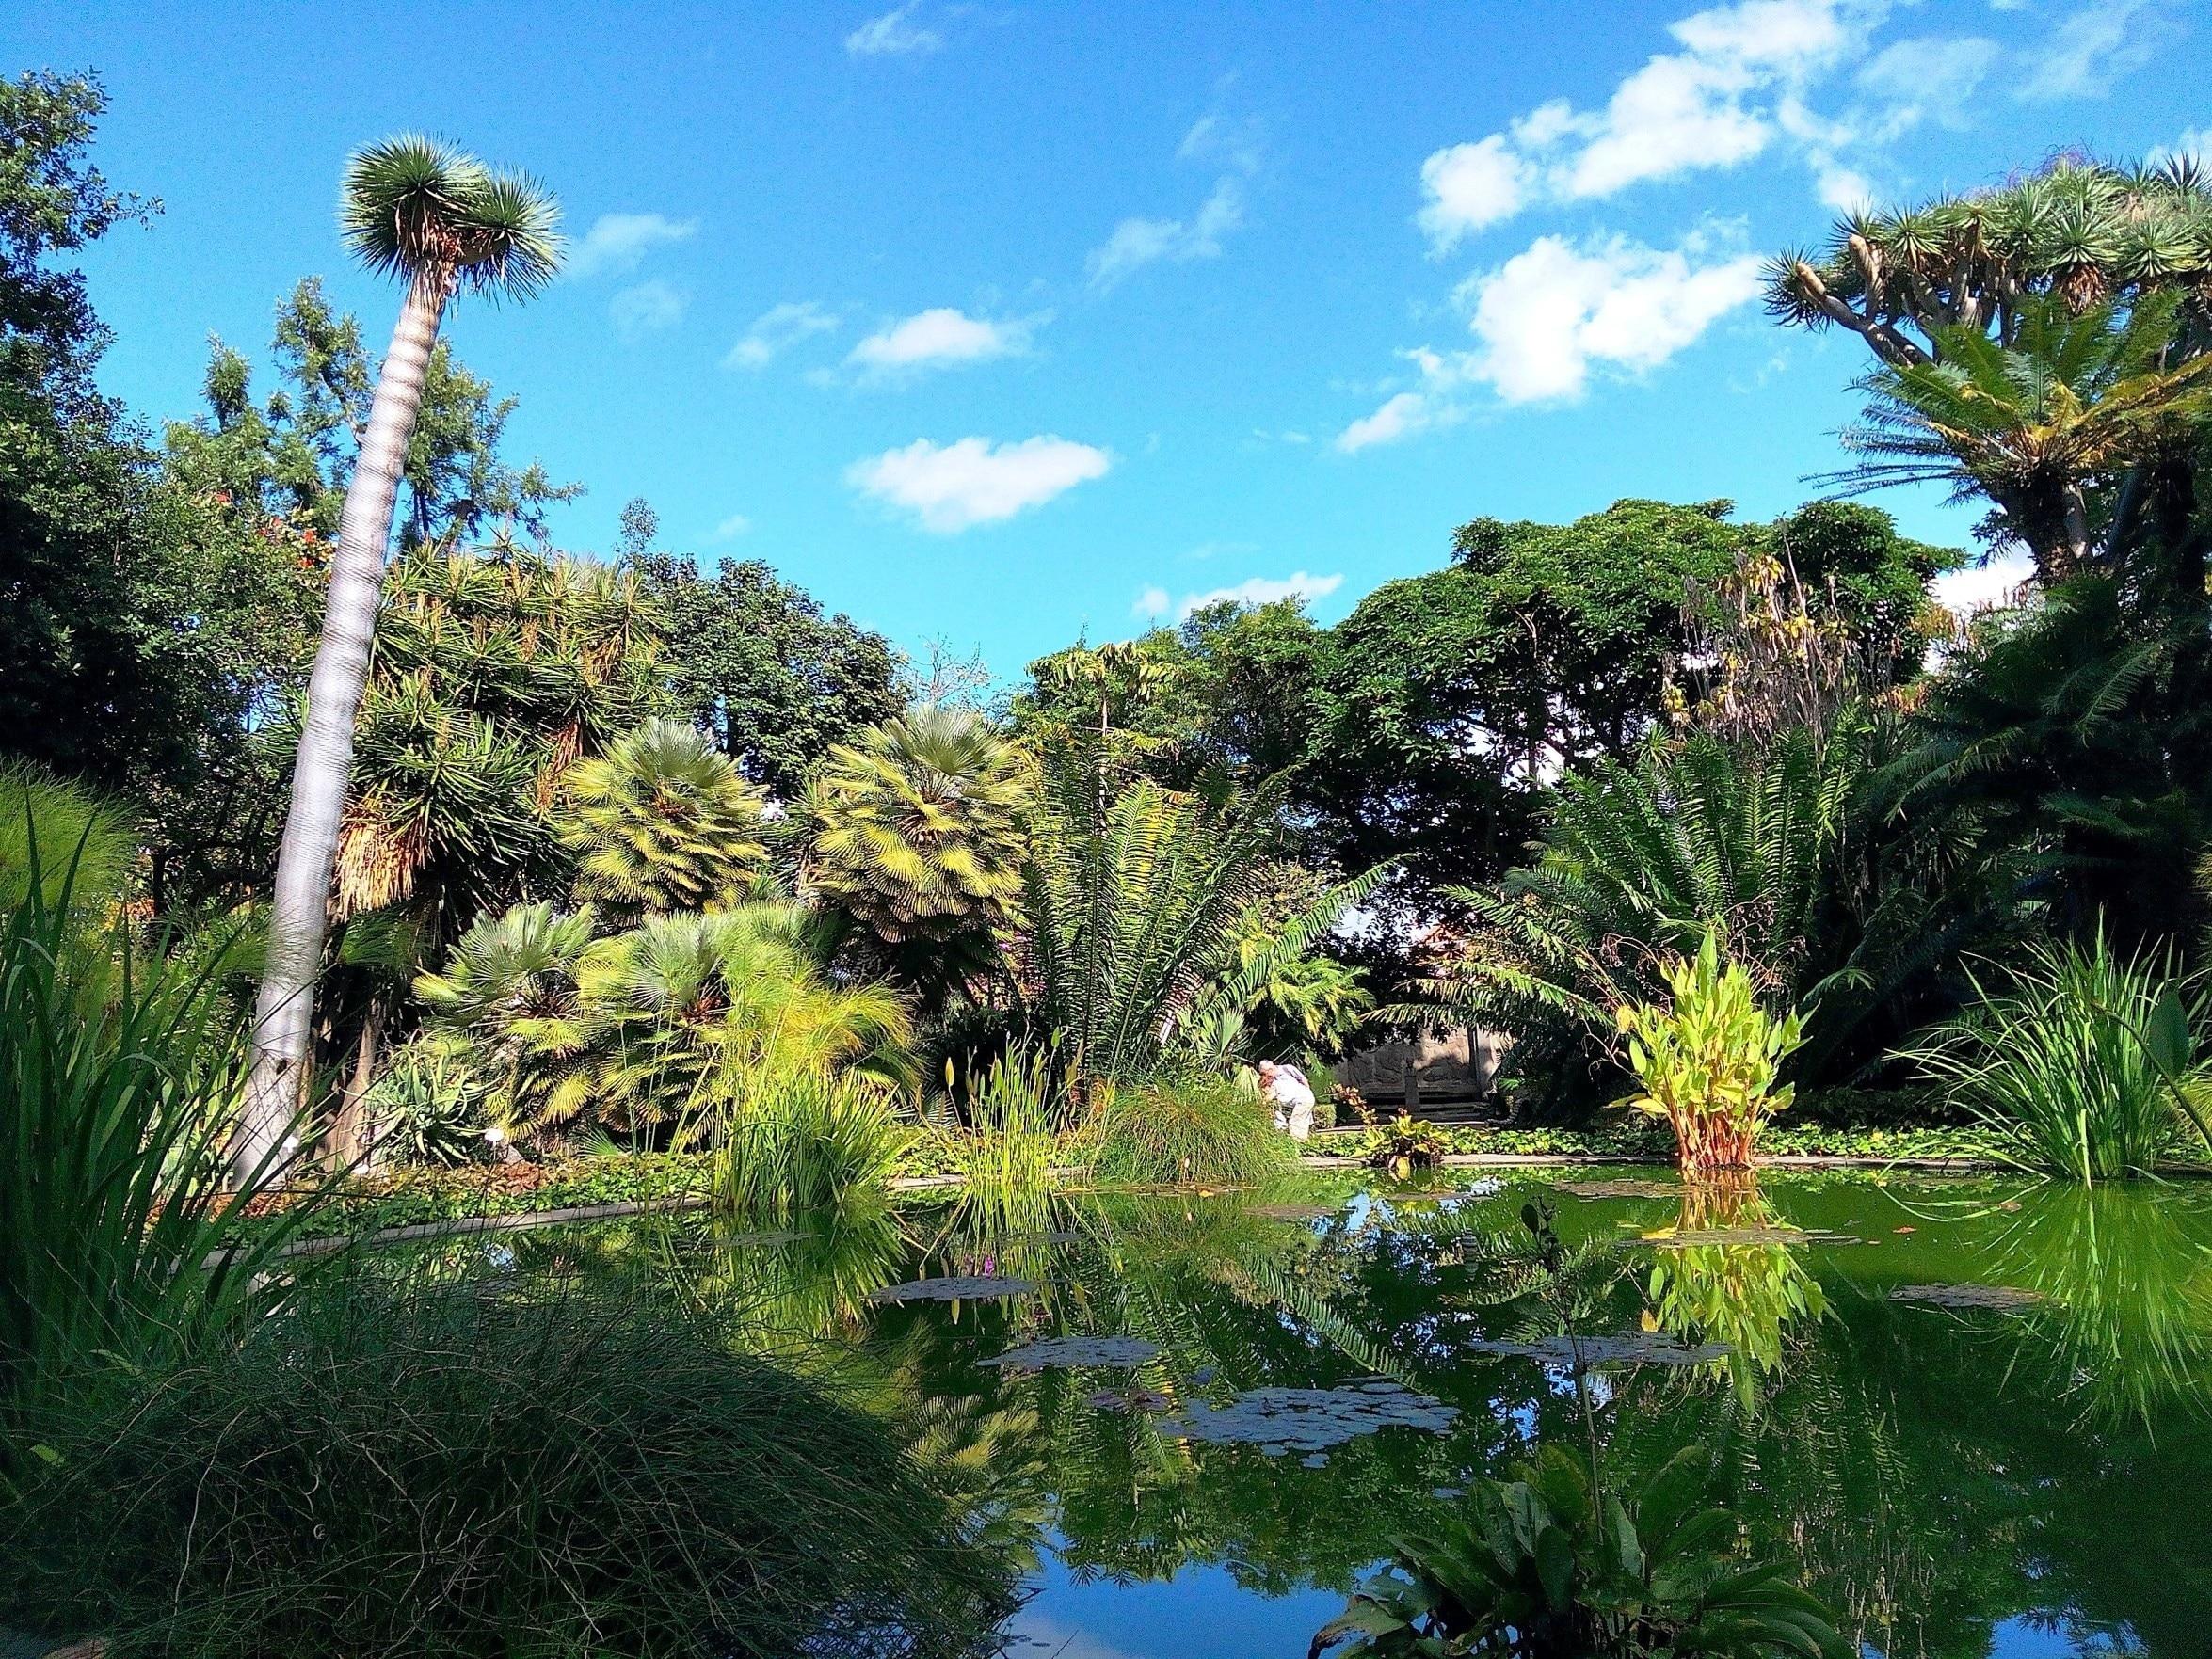 Déjate sorprender por la belleza natural de Botanical Gardens, una de las zonas verdes más hermosas de Puerto de la Cruz. Además de ser un destino donde reina la tranquilidad, aquí también podrás recorrer la bonita costa o relajarte en el spa.